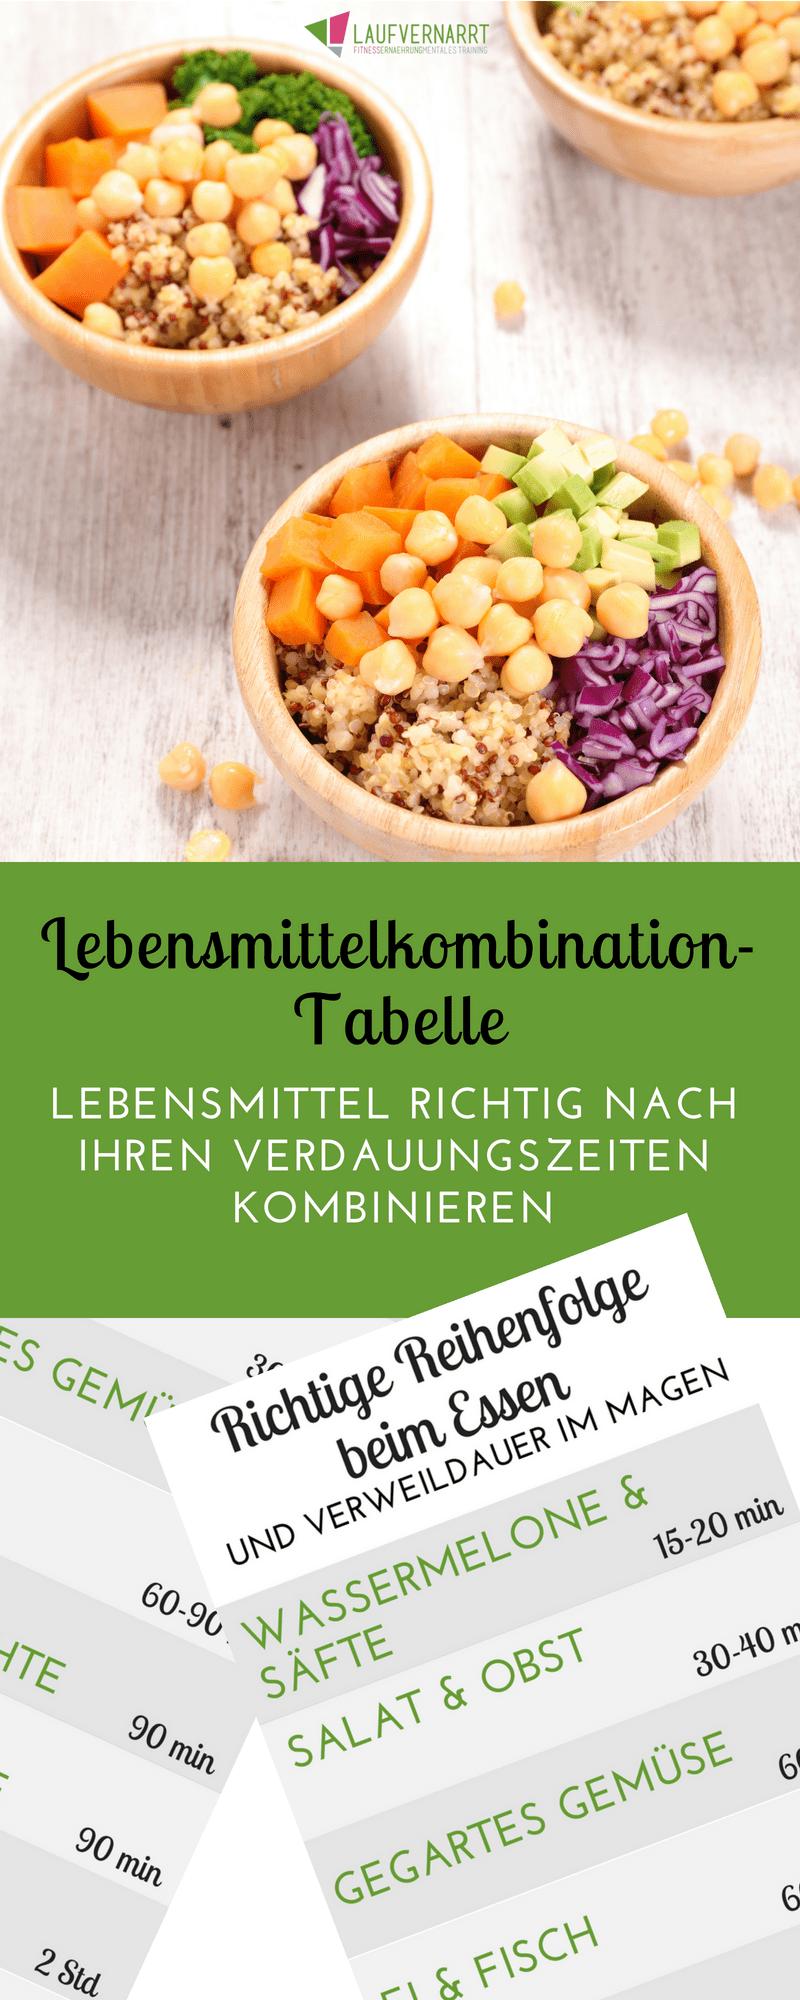 Lebensmittelkombinationstabelle - Lebensmittel richtig nach ihren Verdauungszeiten kombinieren - Laufvernarrt #dietmenu